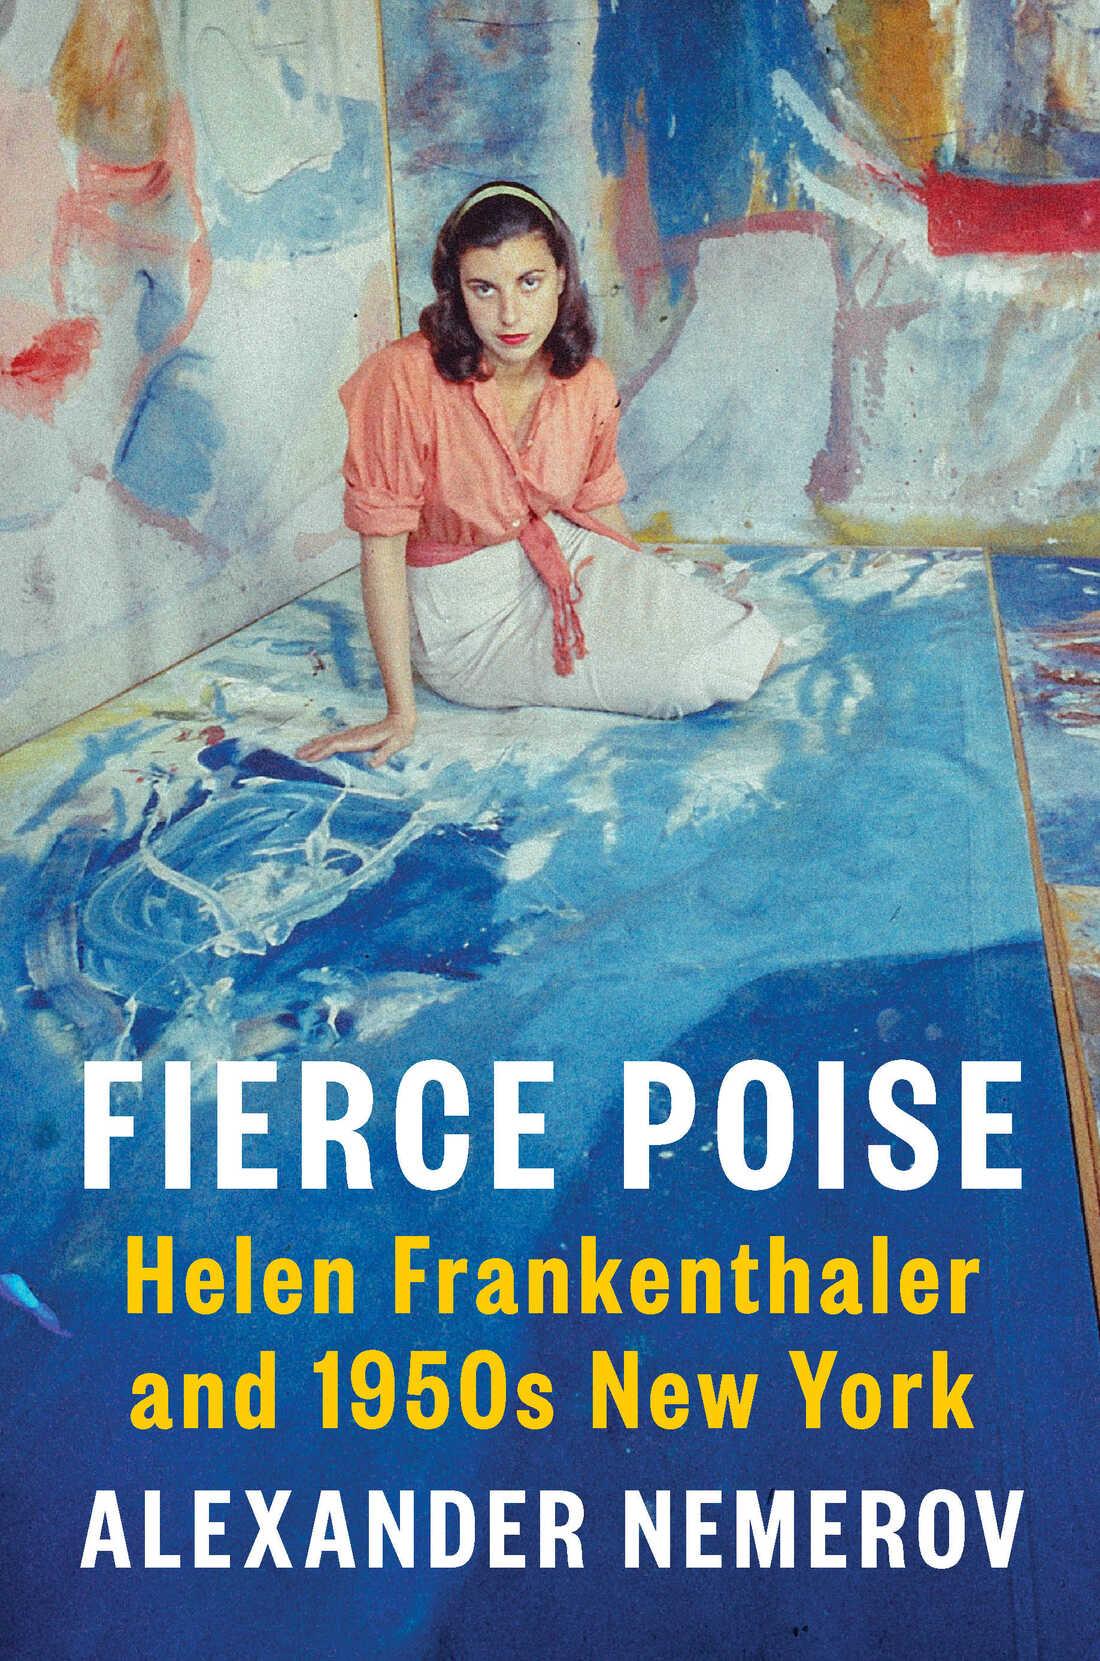 Fierce Poise: Helen Frankenthaler and 1950s New York by Alexander Nemerov